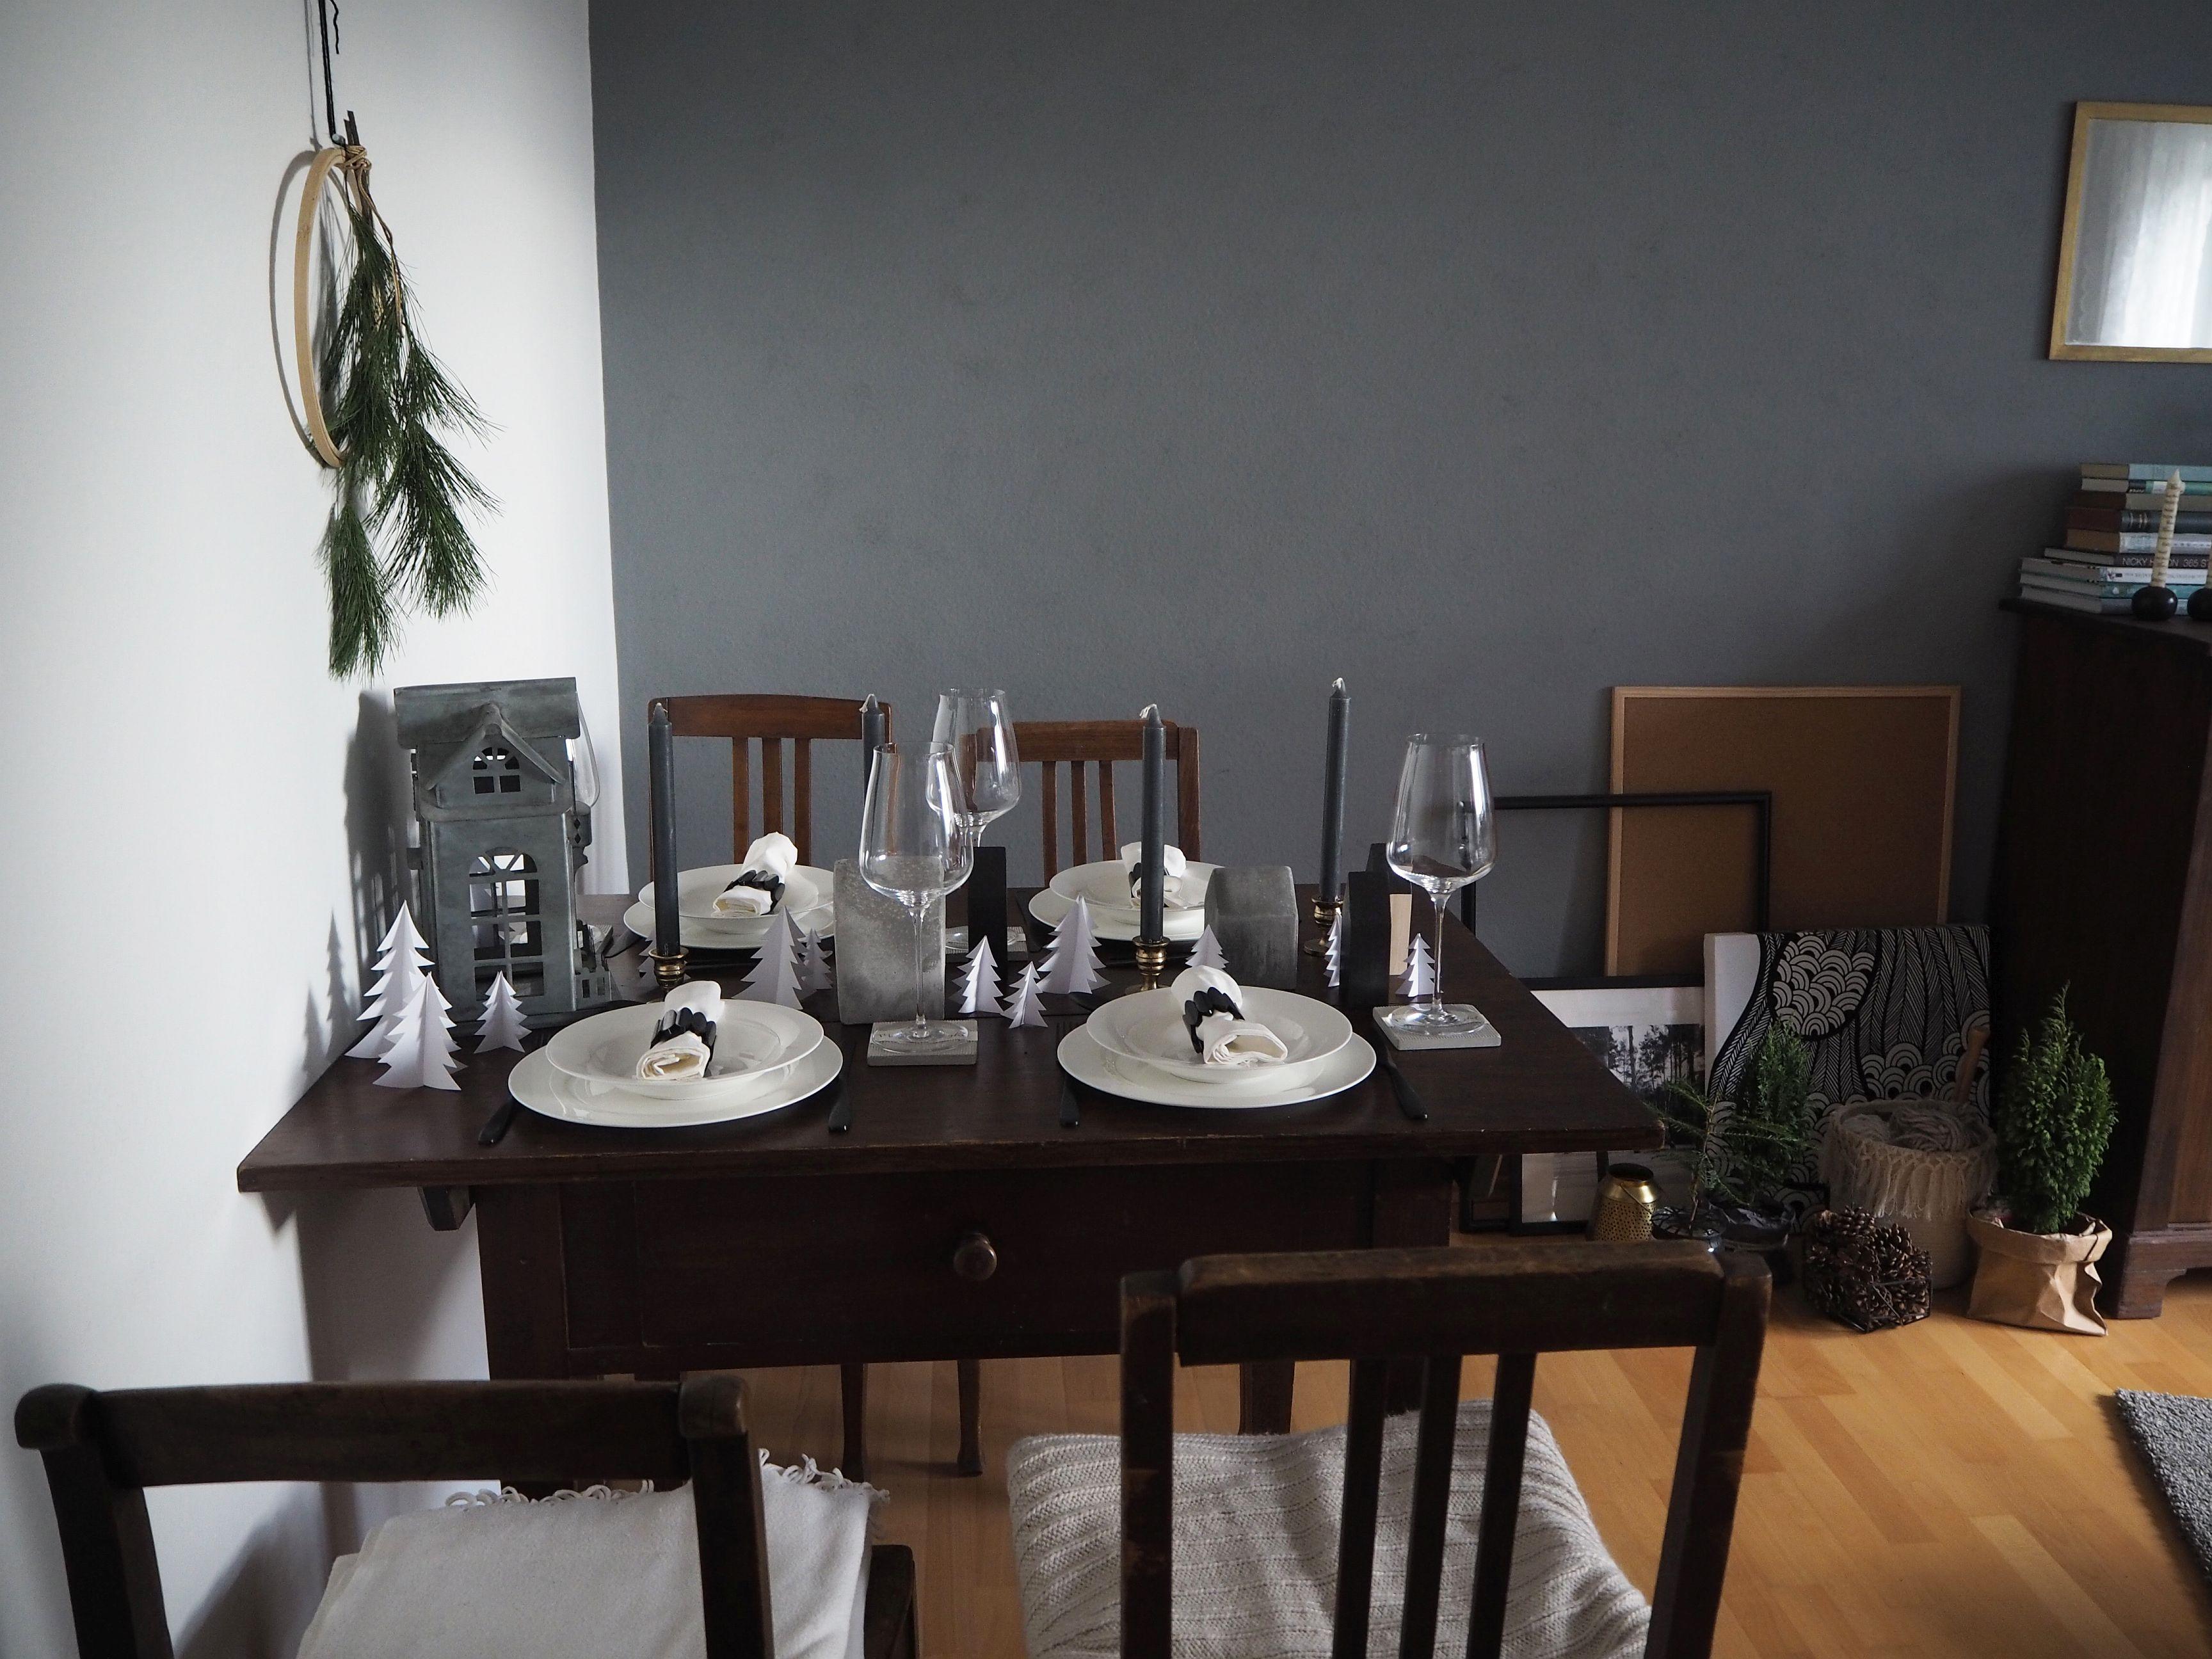 2017-12-skoen-och-kreativ-interior-tischdeko-weihnachtliche-winterlandschaft-tisch-grau (17)